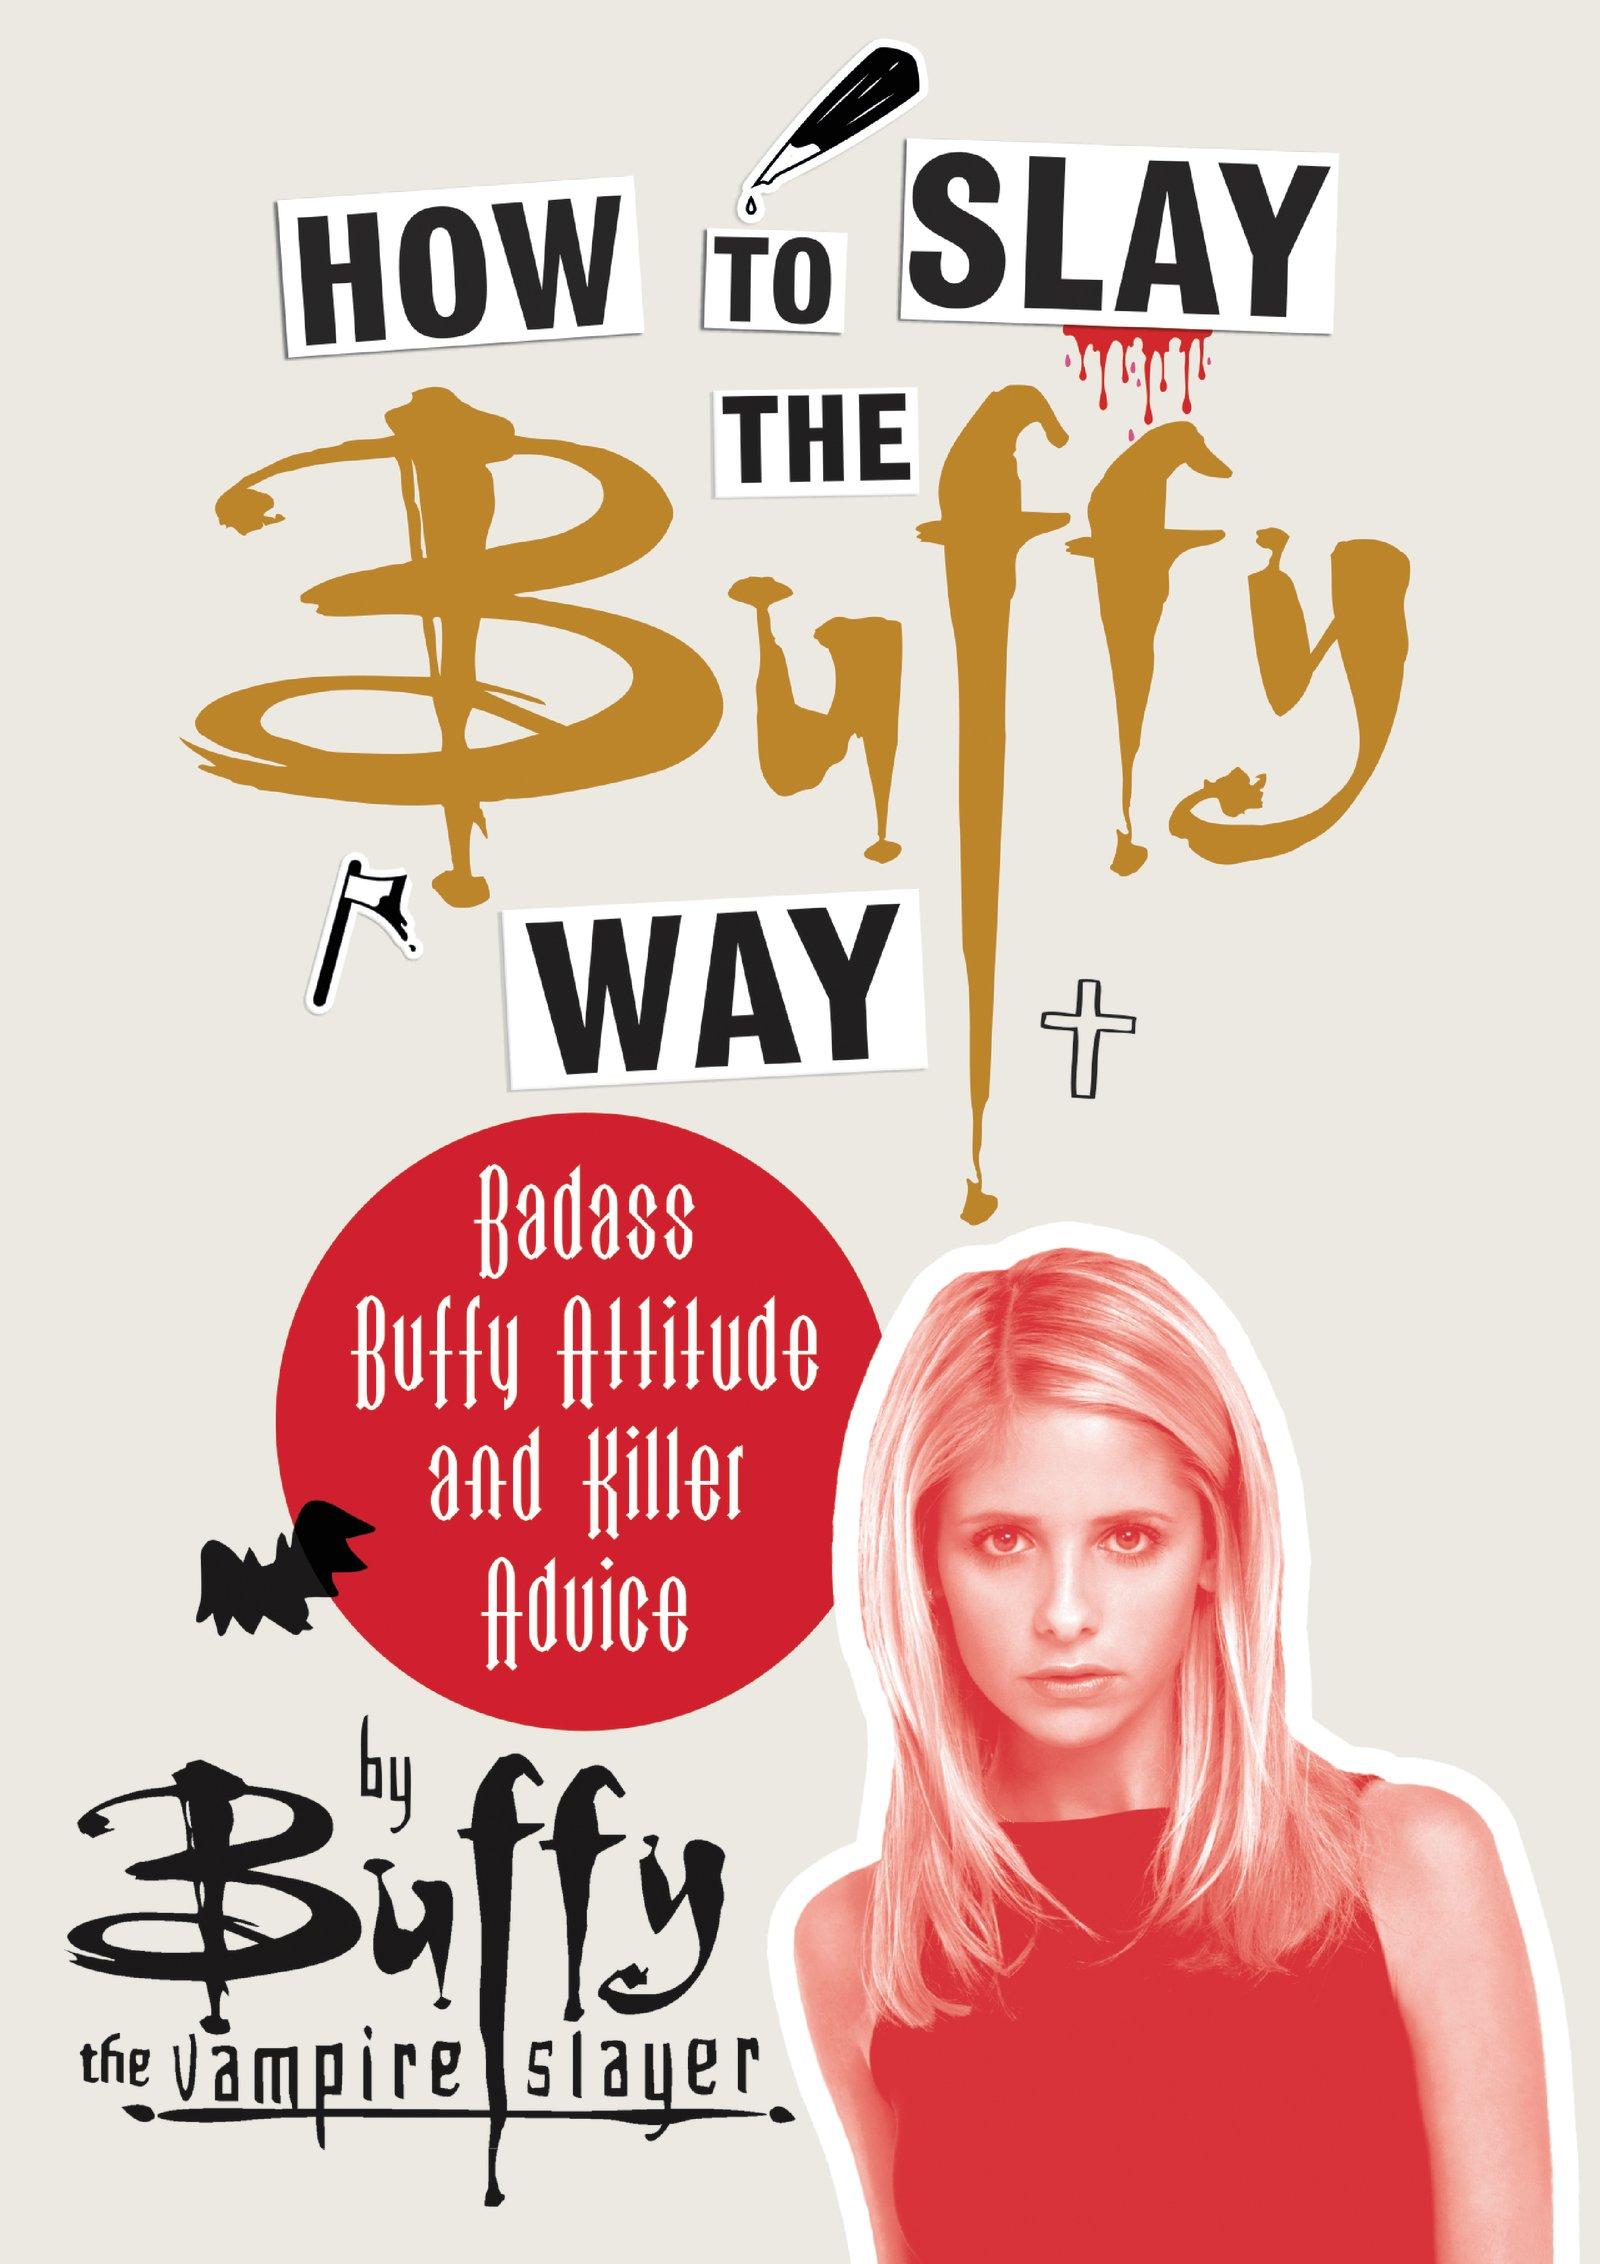 Amazon.com: How to Slay the Buffy Way: Badass Buffy Attitude and Killer  Advice (9780062895820): Buffy the Vampire Slayer: Books